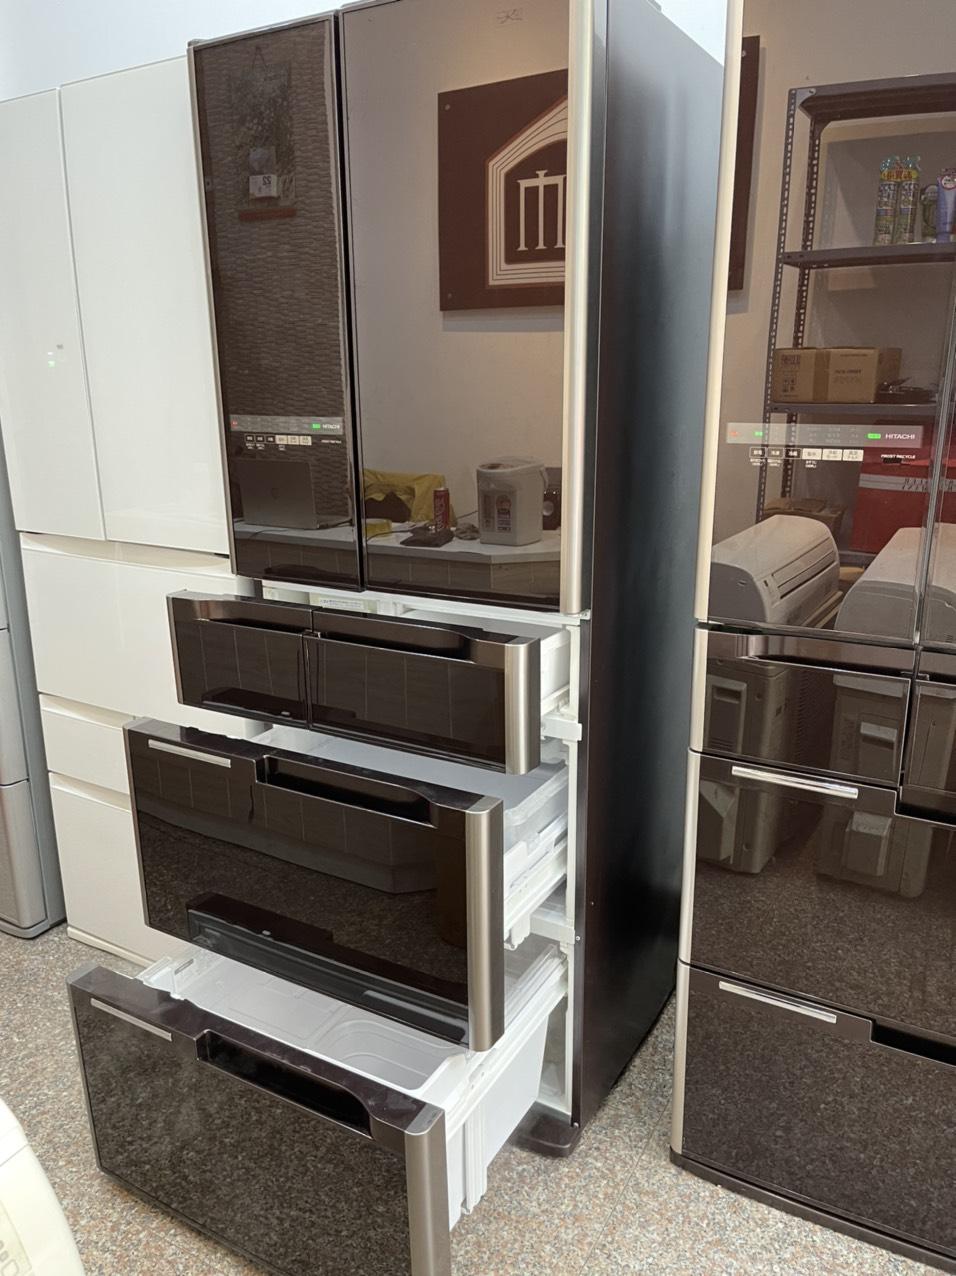 Tủ Lạnh Hitachi R C4800 Mặt Gương Cao Cấp